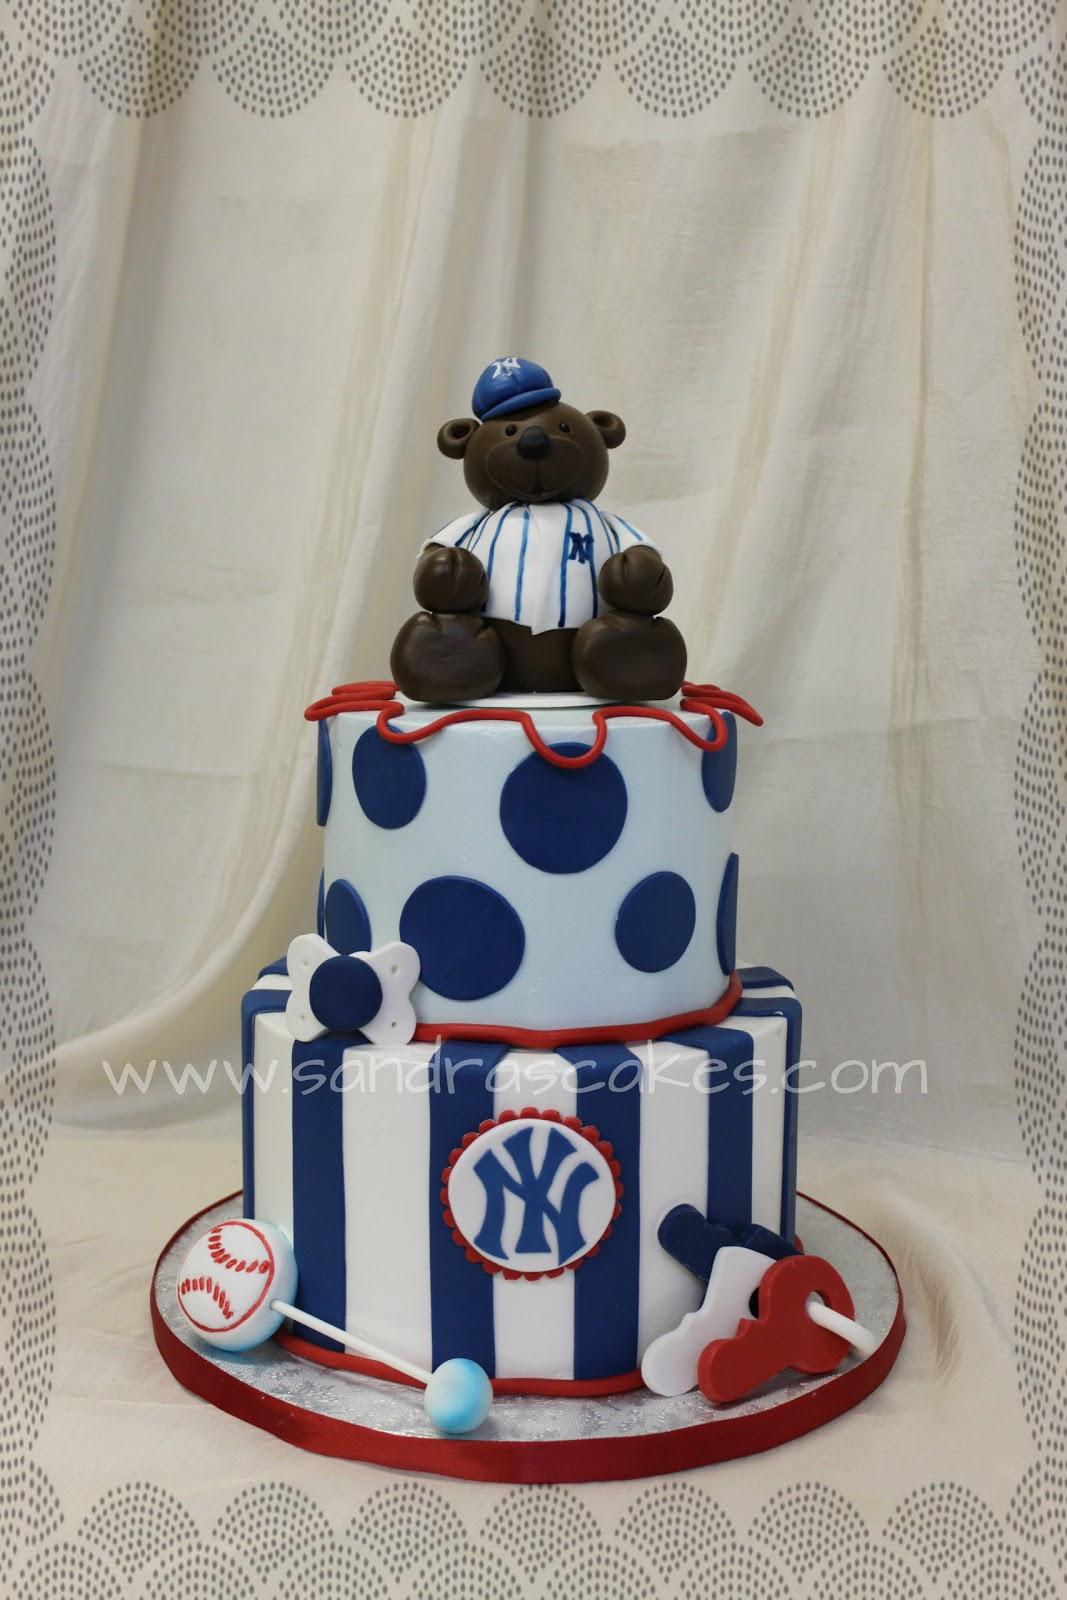 sandra 39 s cakes may 15 2012